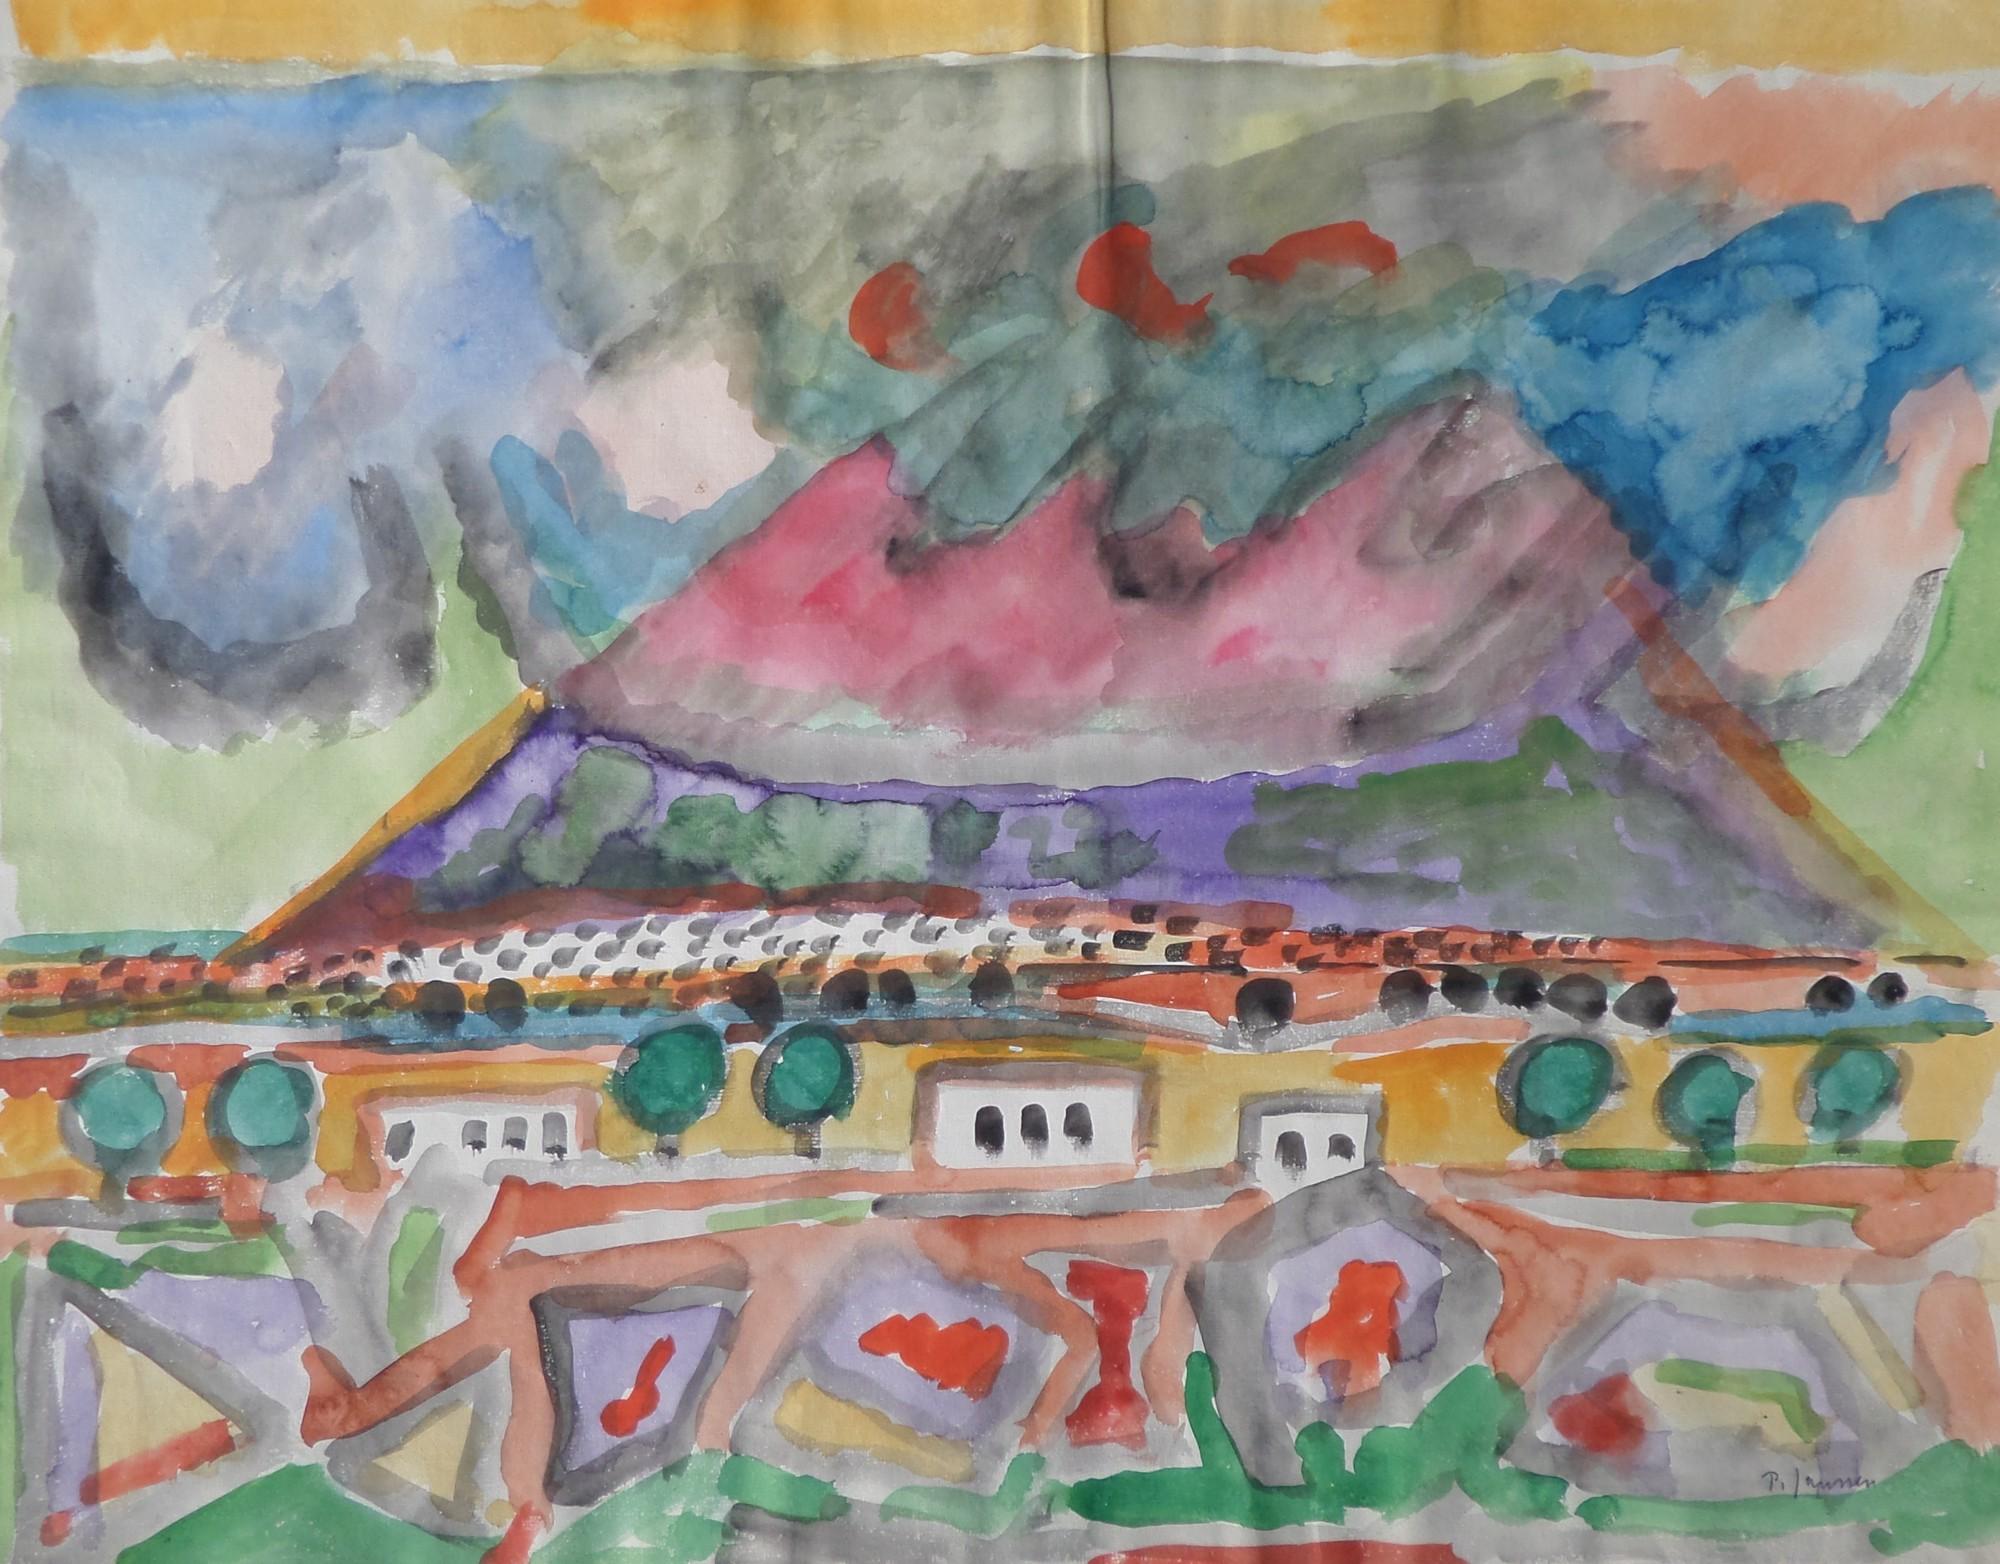 Landschaft vor Vulkan, Aquarell von Peter Janssen, für vergrößerte Ansicht bitte anklicken!